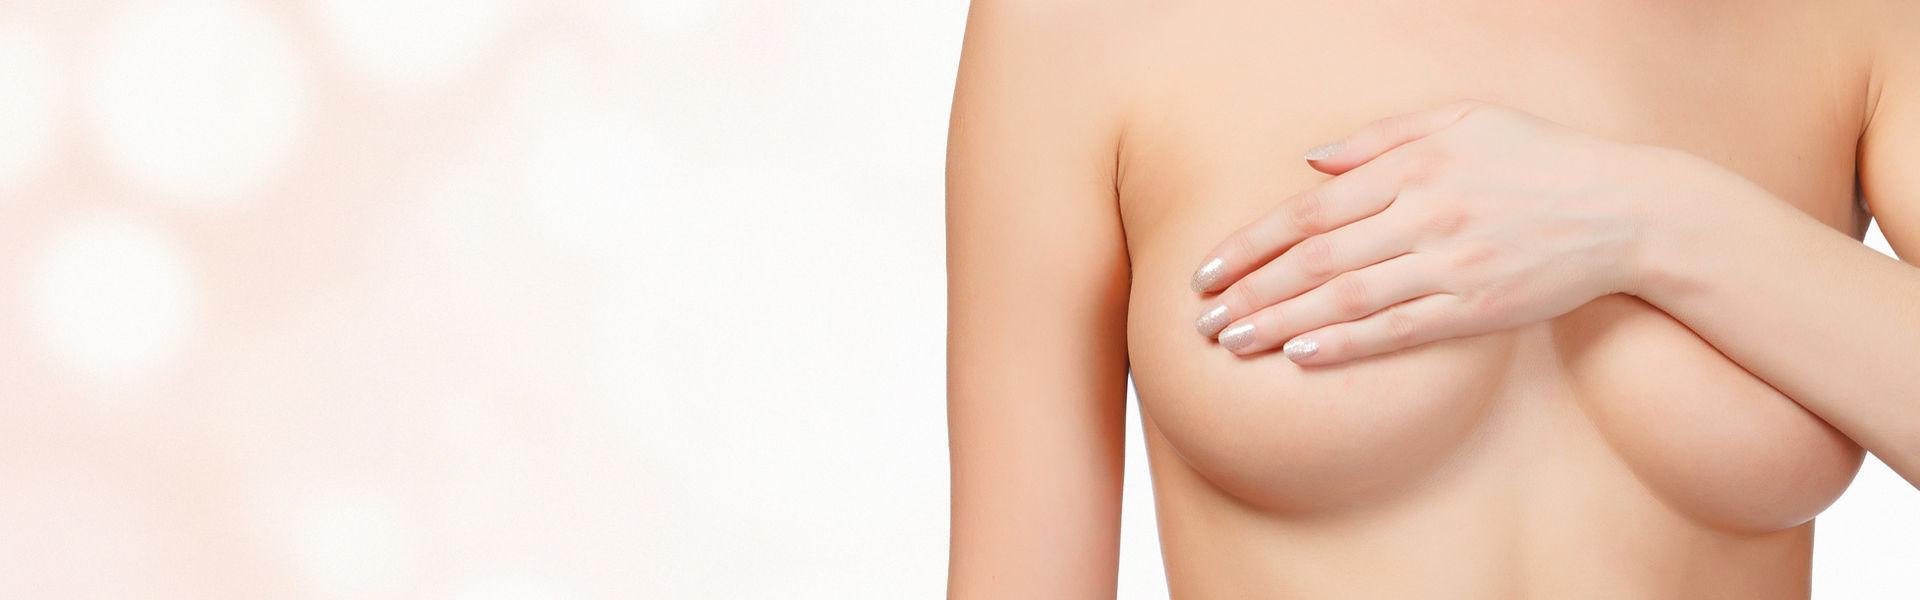 brustverkleinerung ohne optumrx